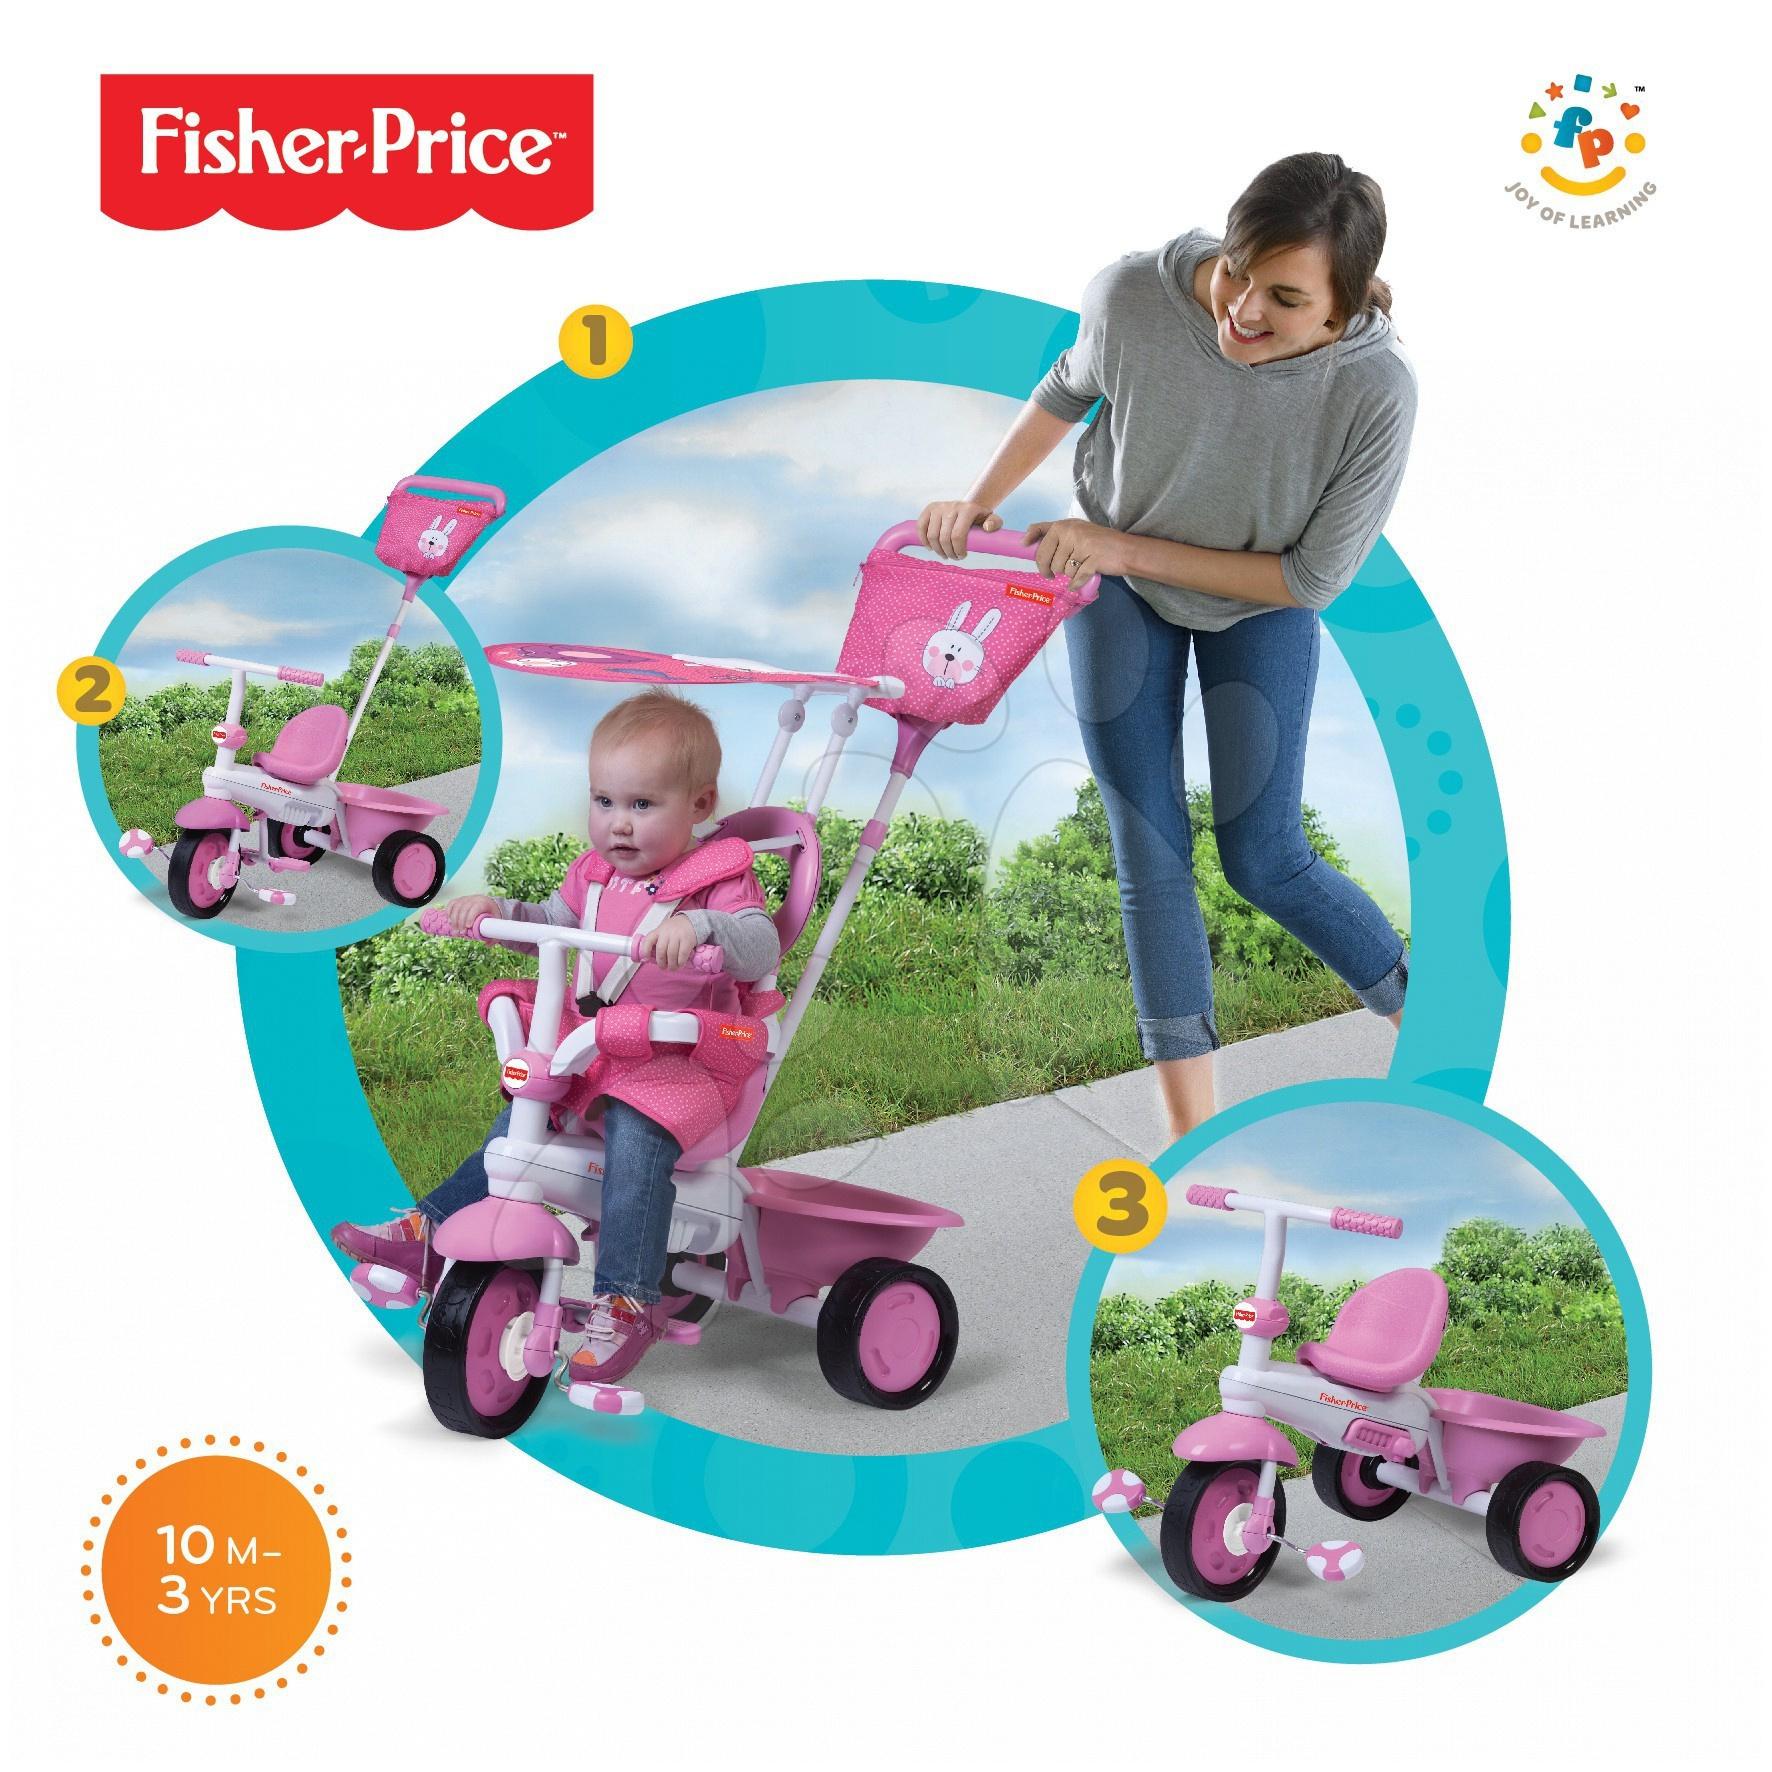 Tříkolka Fisher-Price Elite Pink smarTrike růžová od 10 měsíců